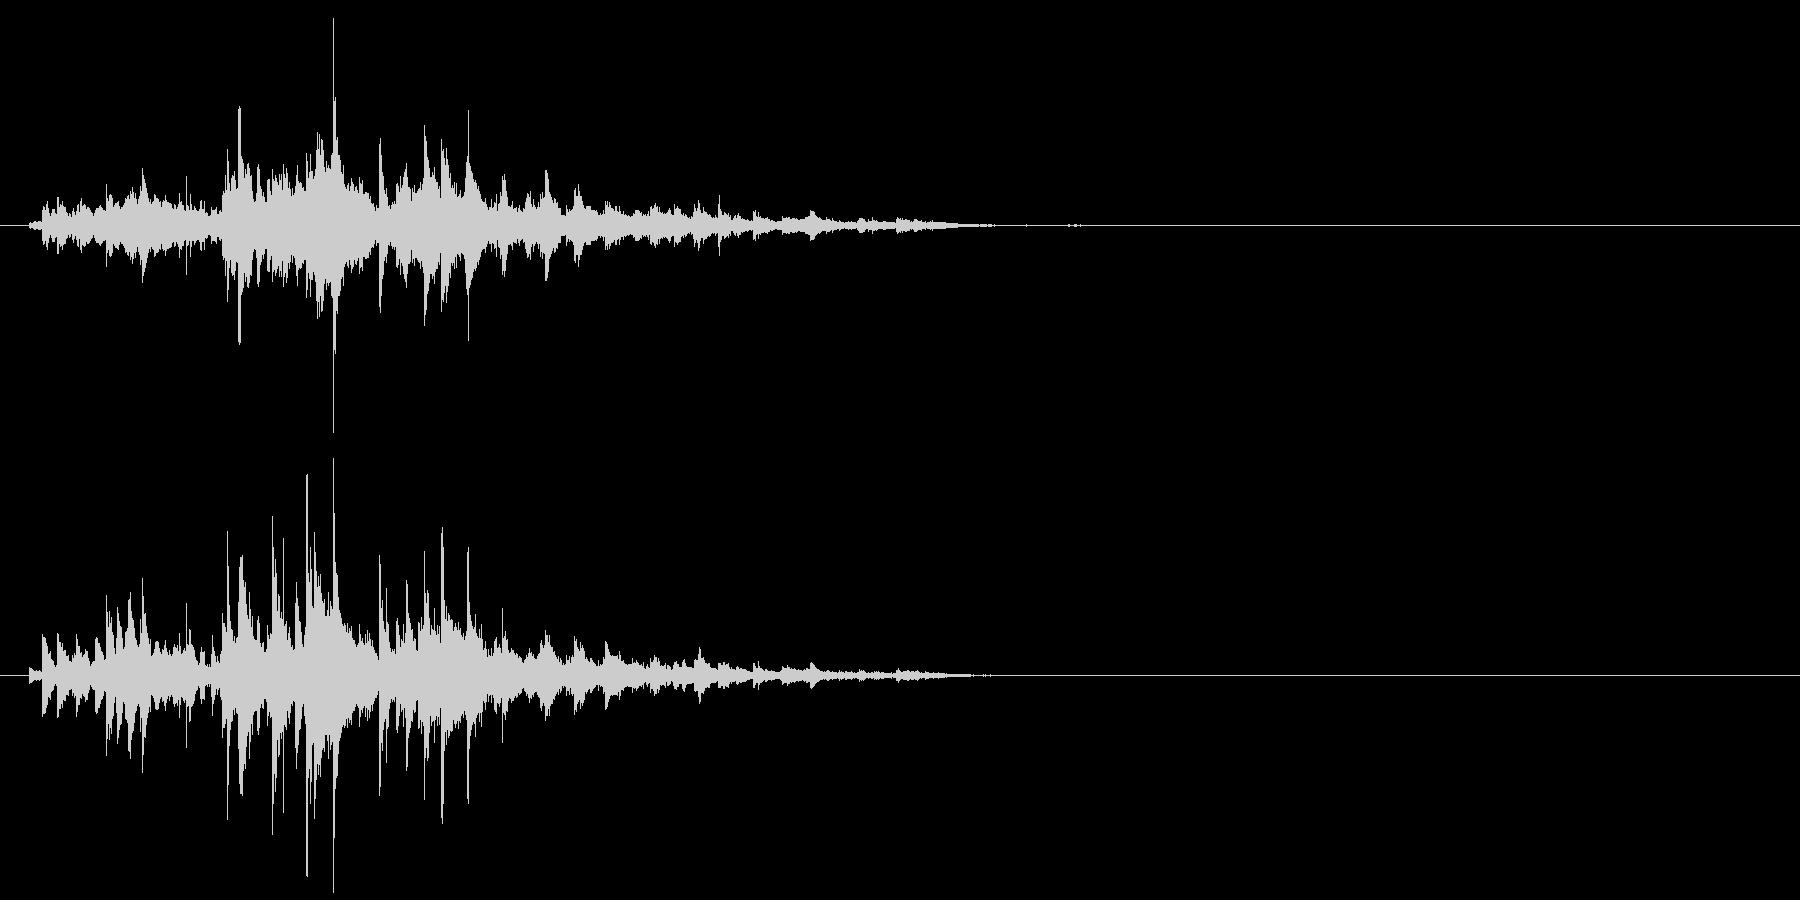 キラキラしたウィンドチャイムの音の未再生の波形